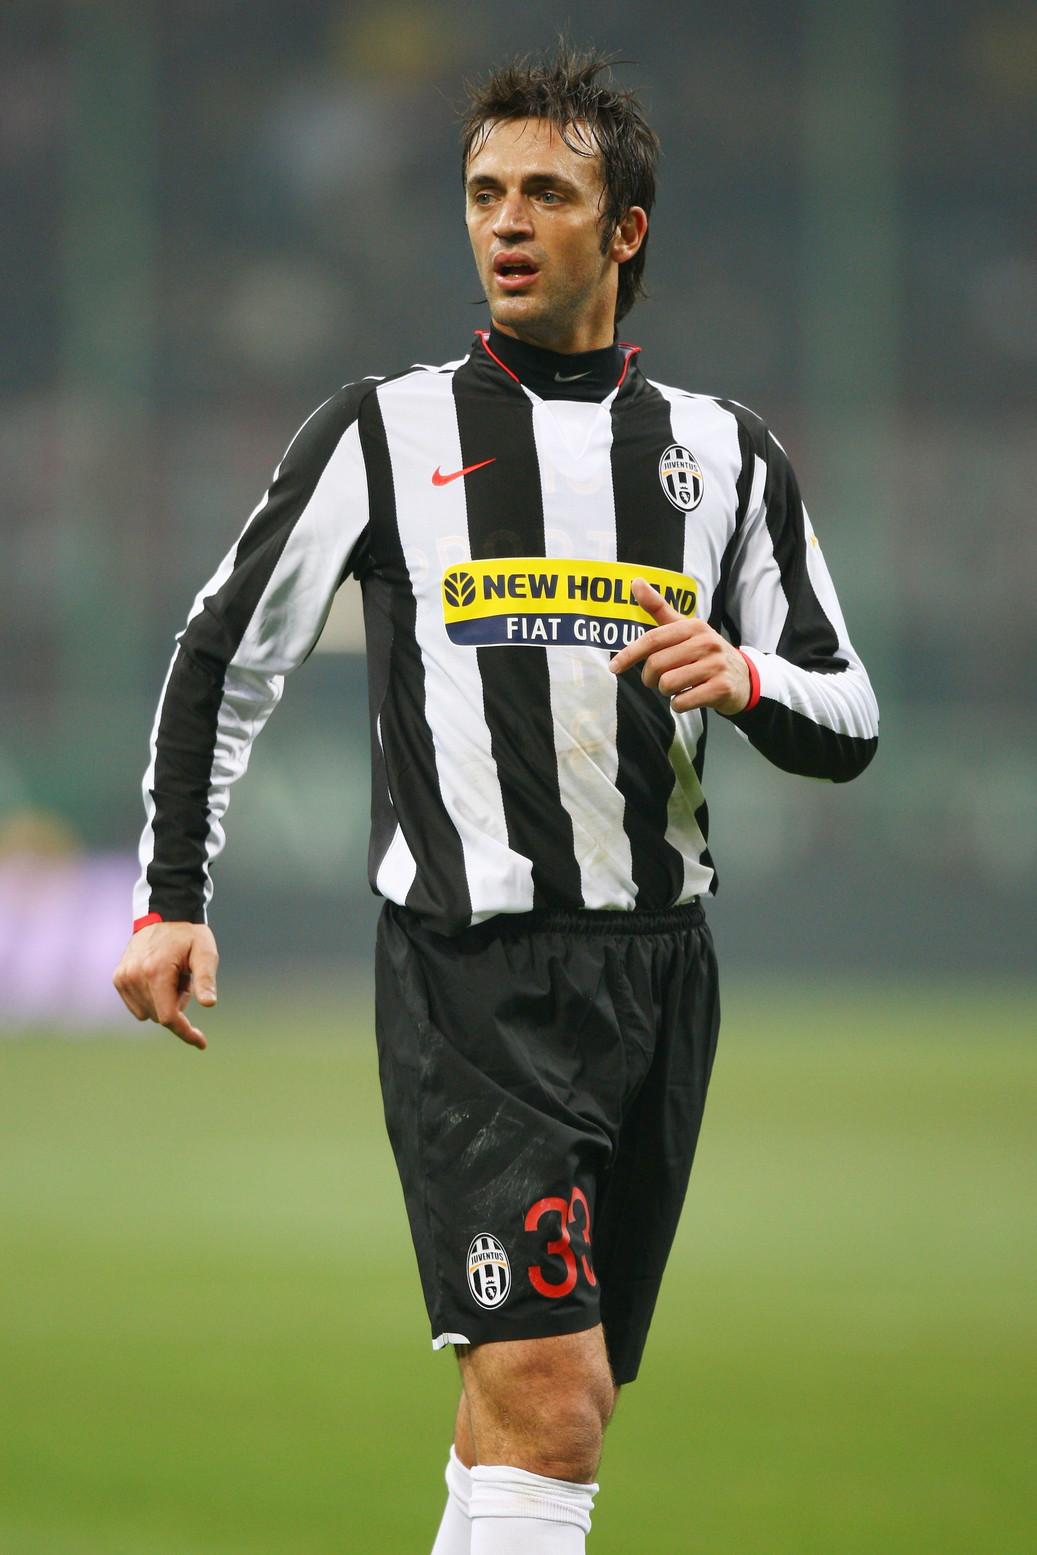 Nicola Legrottaglie: Juventus 2003-05 e 2006-11, Milan 2011